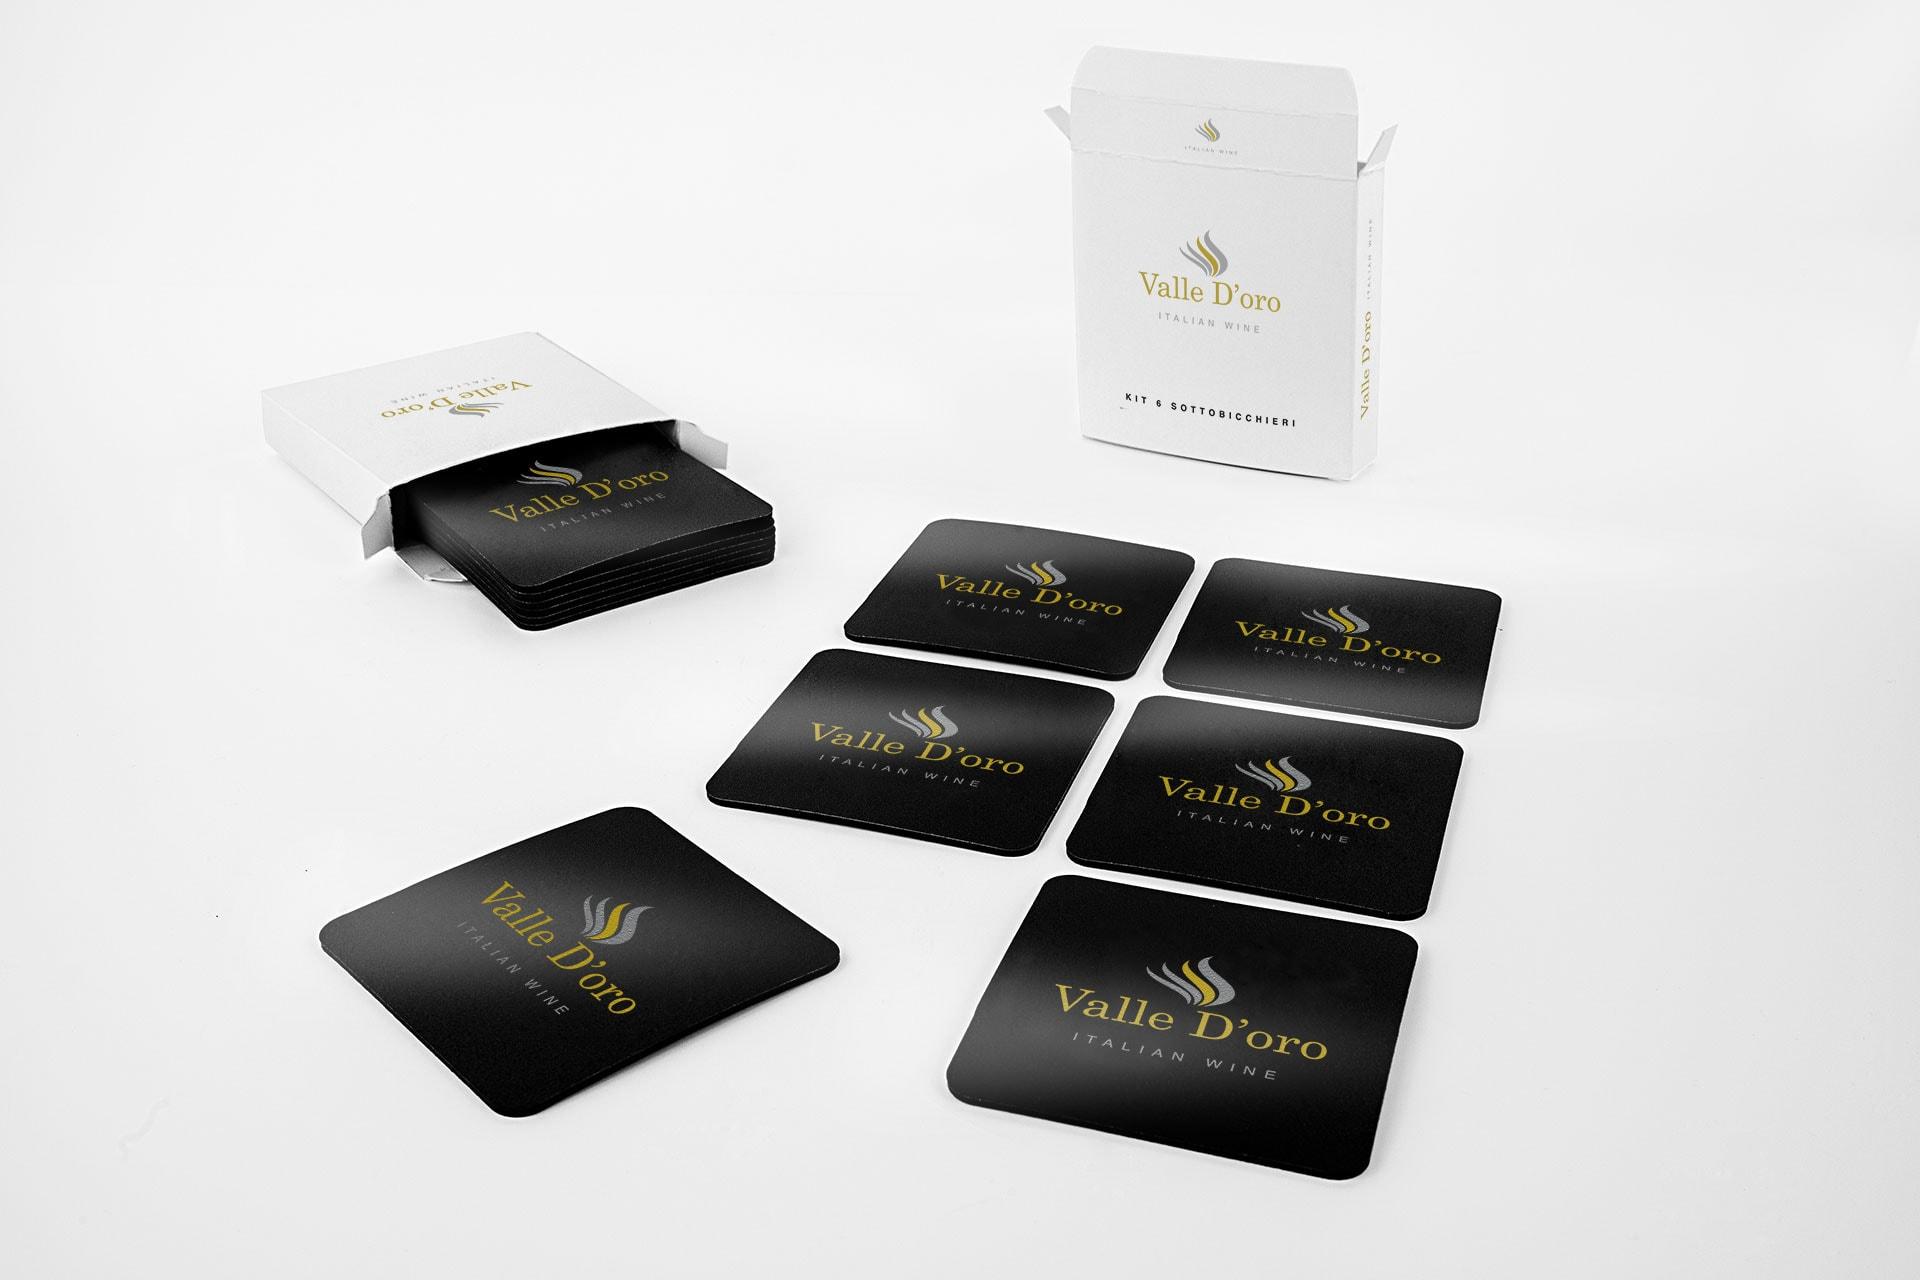 Sottobicchieri Pvc personalizzati kit da 6 pezzi